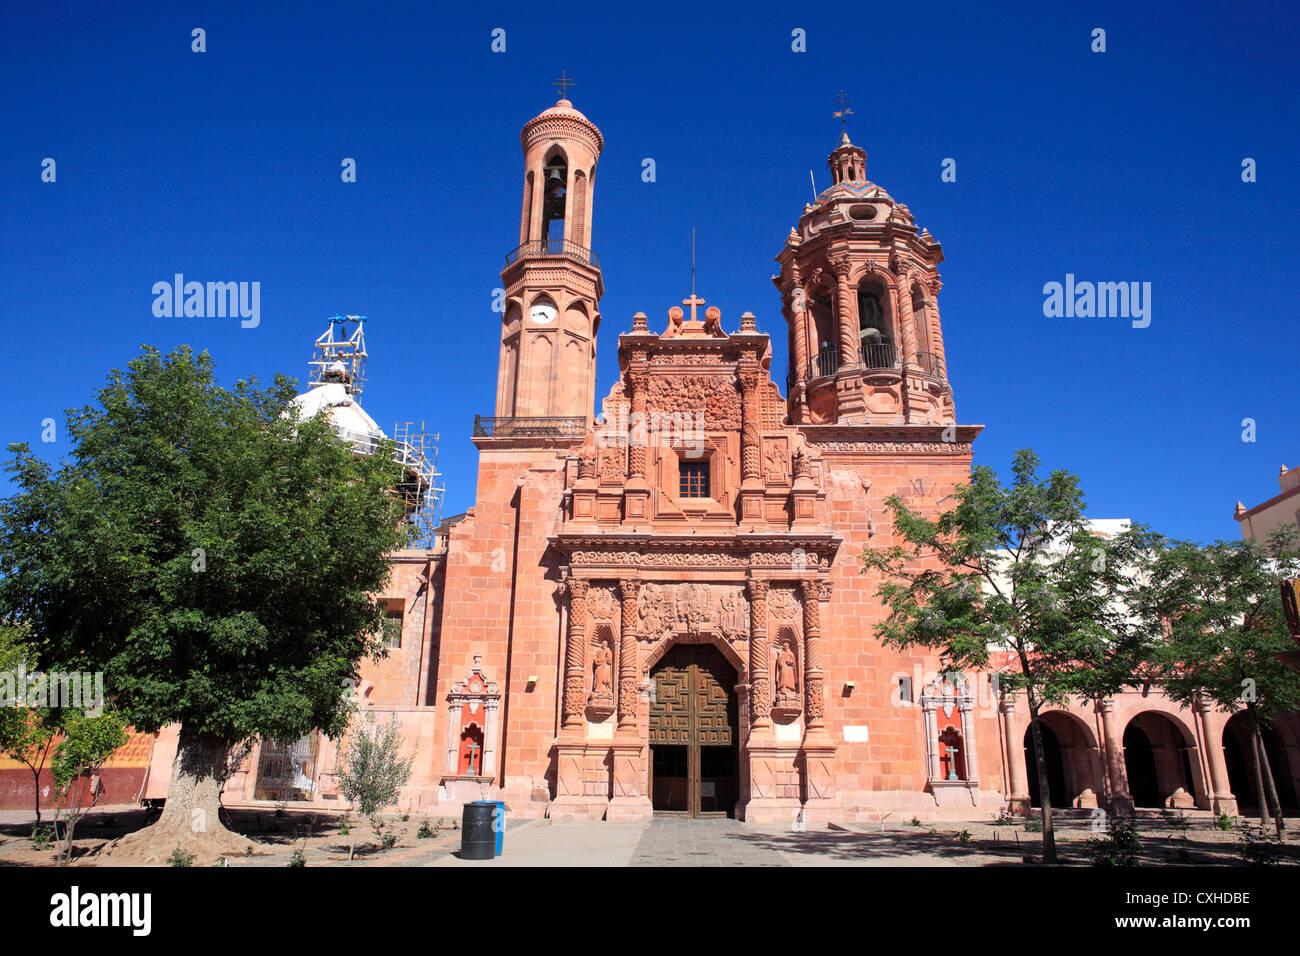 Mexico Central America America Zacatecas Stock Photos Mexico